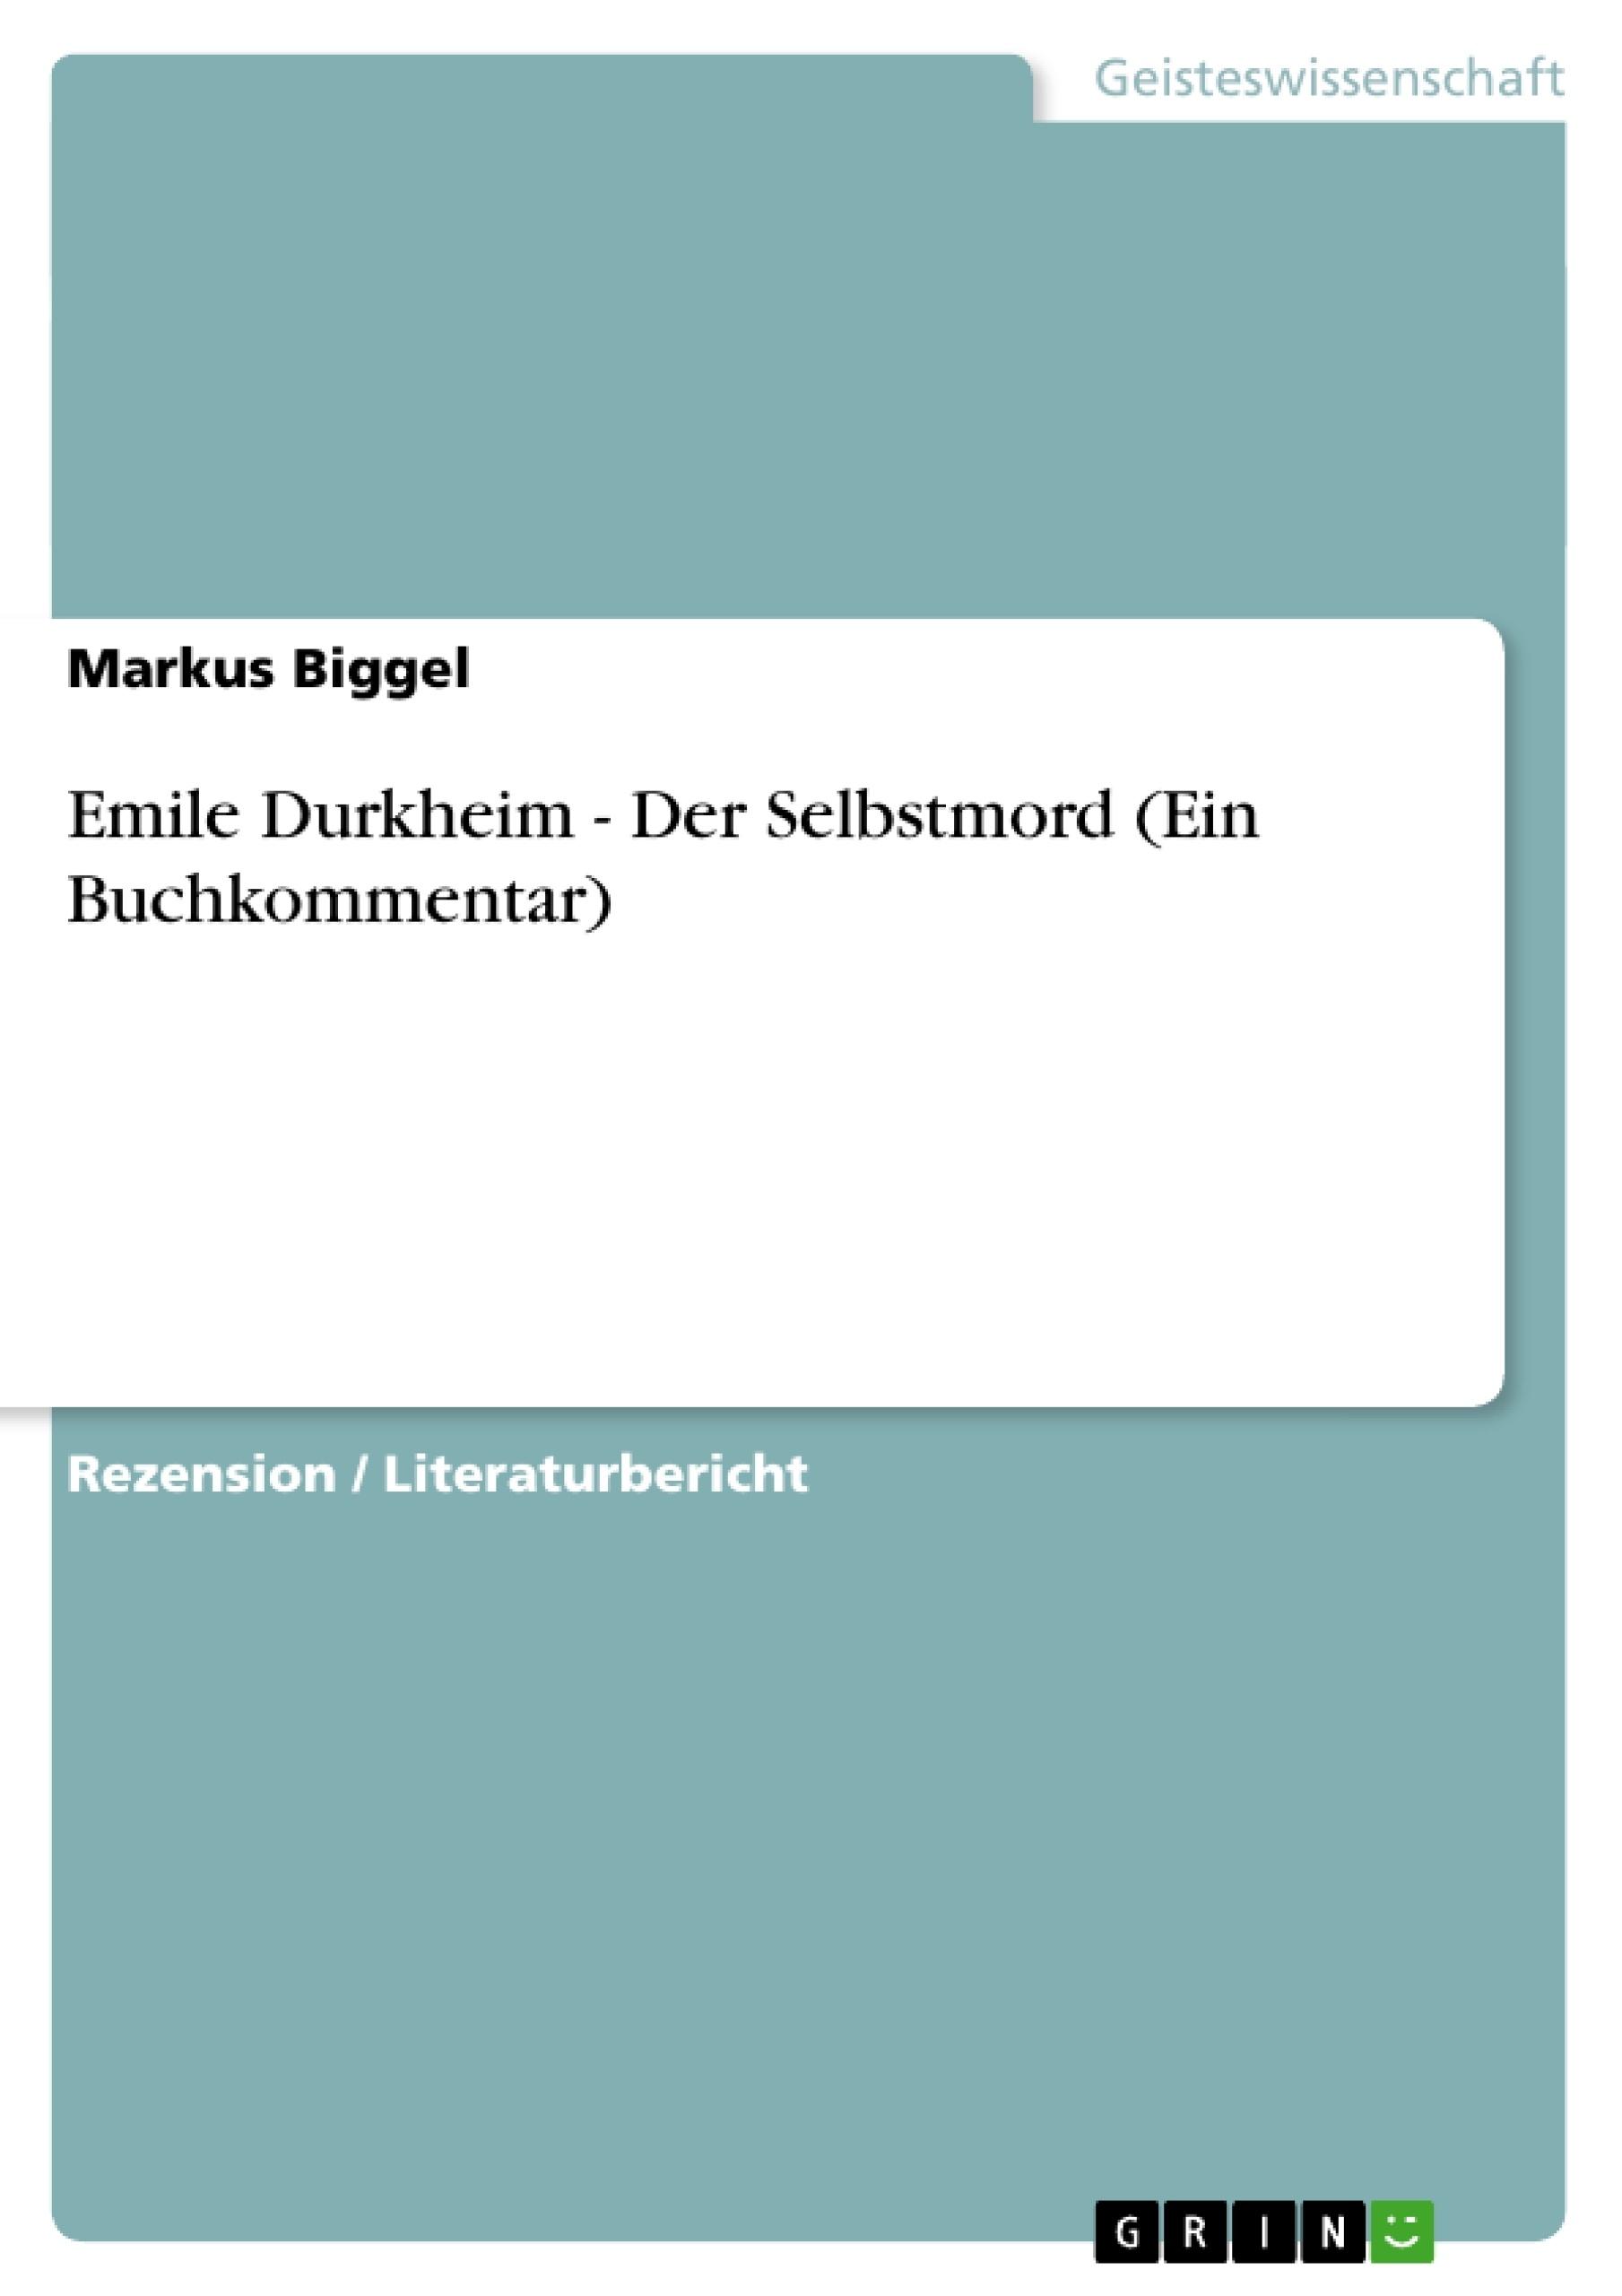 Titel: Emile Durkheim - Der Selbstmord (Ein Buchkommentar)